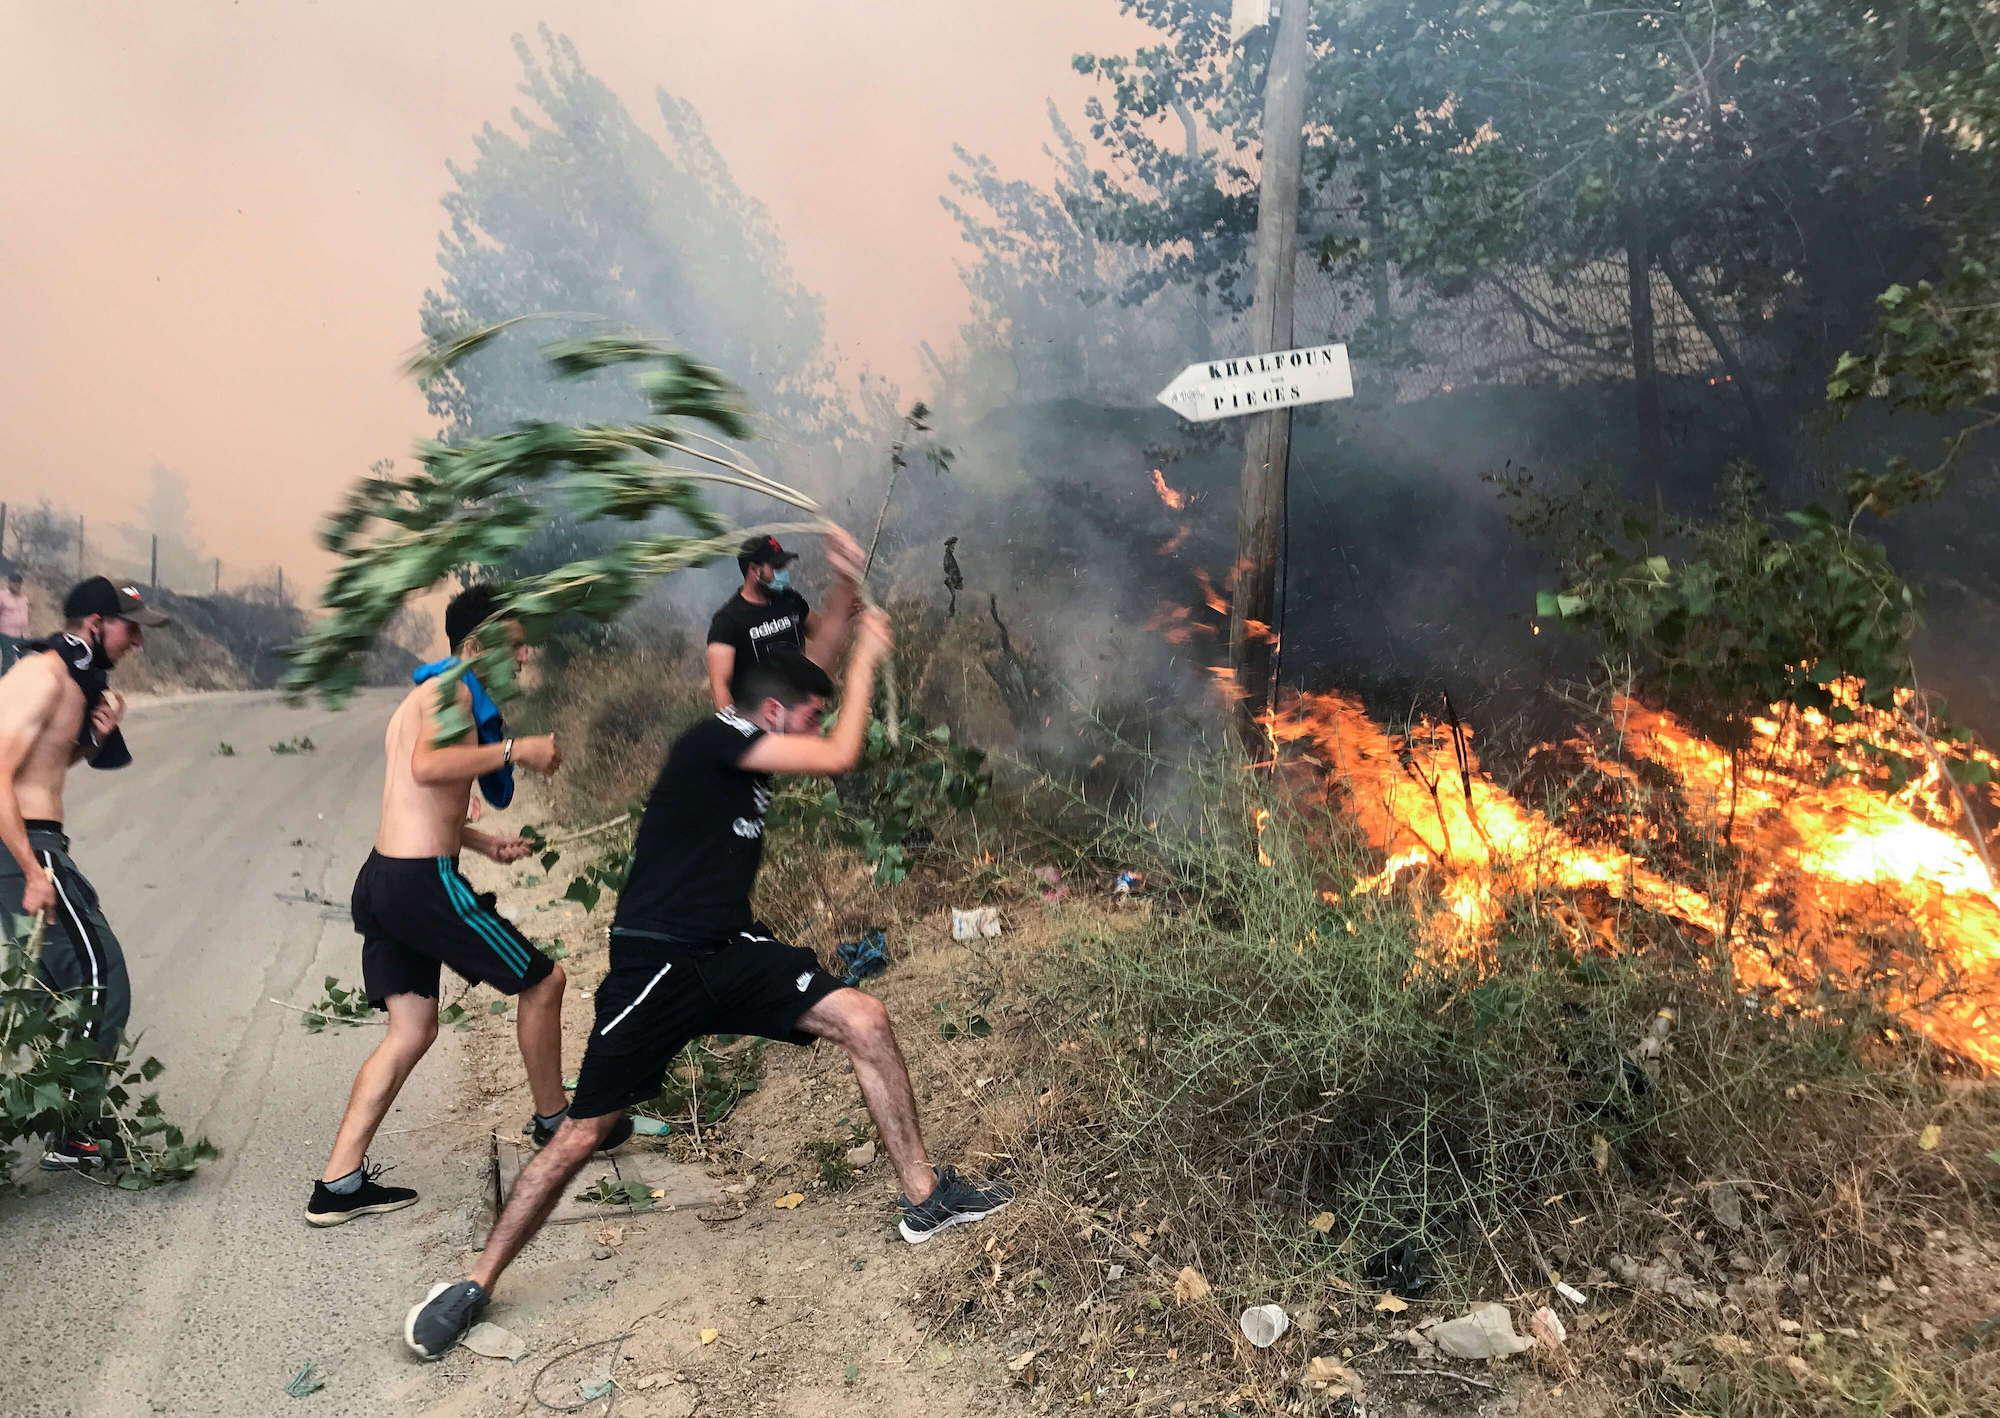 النيران توحشت.. مشاهد مخيفة من الجزائر ومناظر تدمي القلب (فيديو)